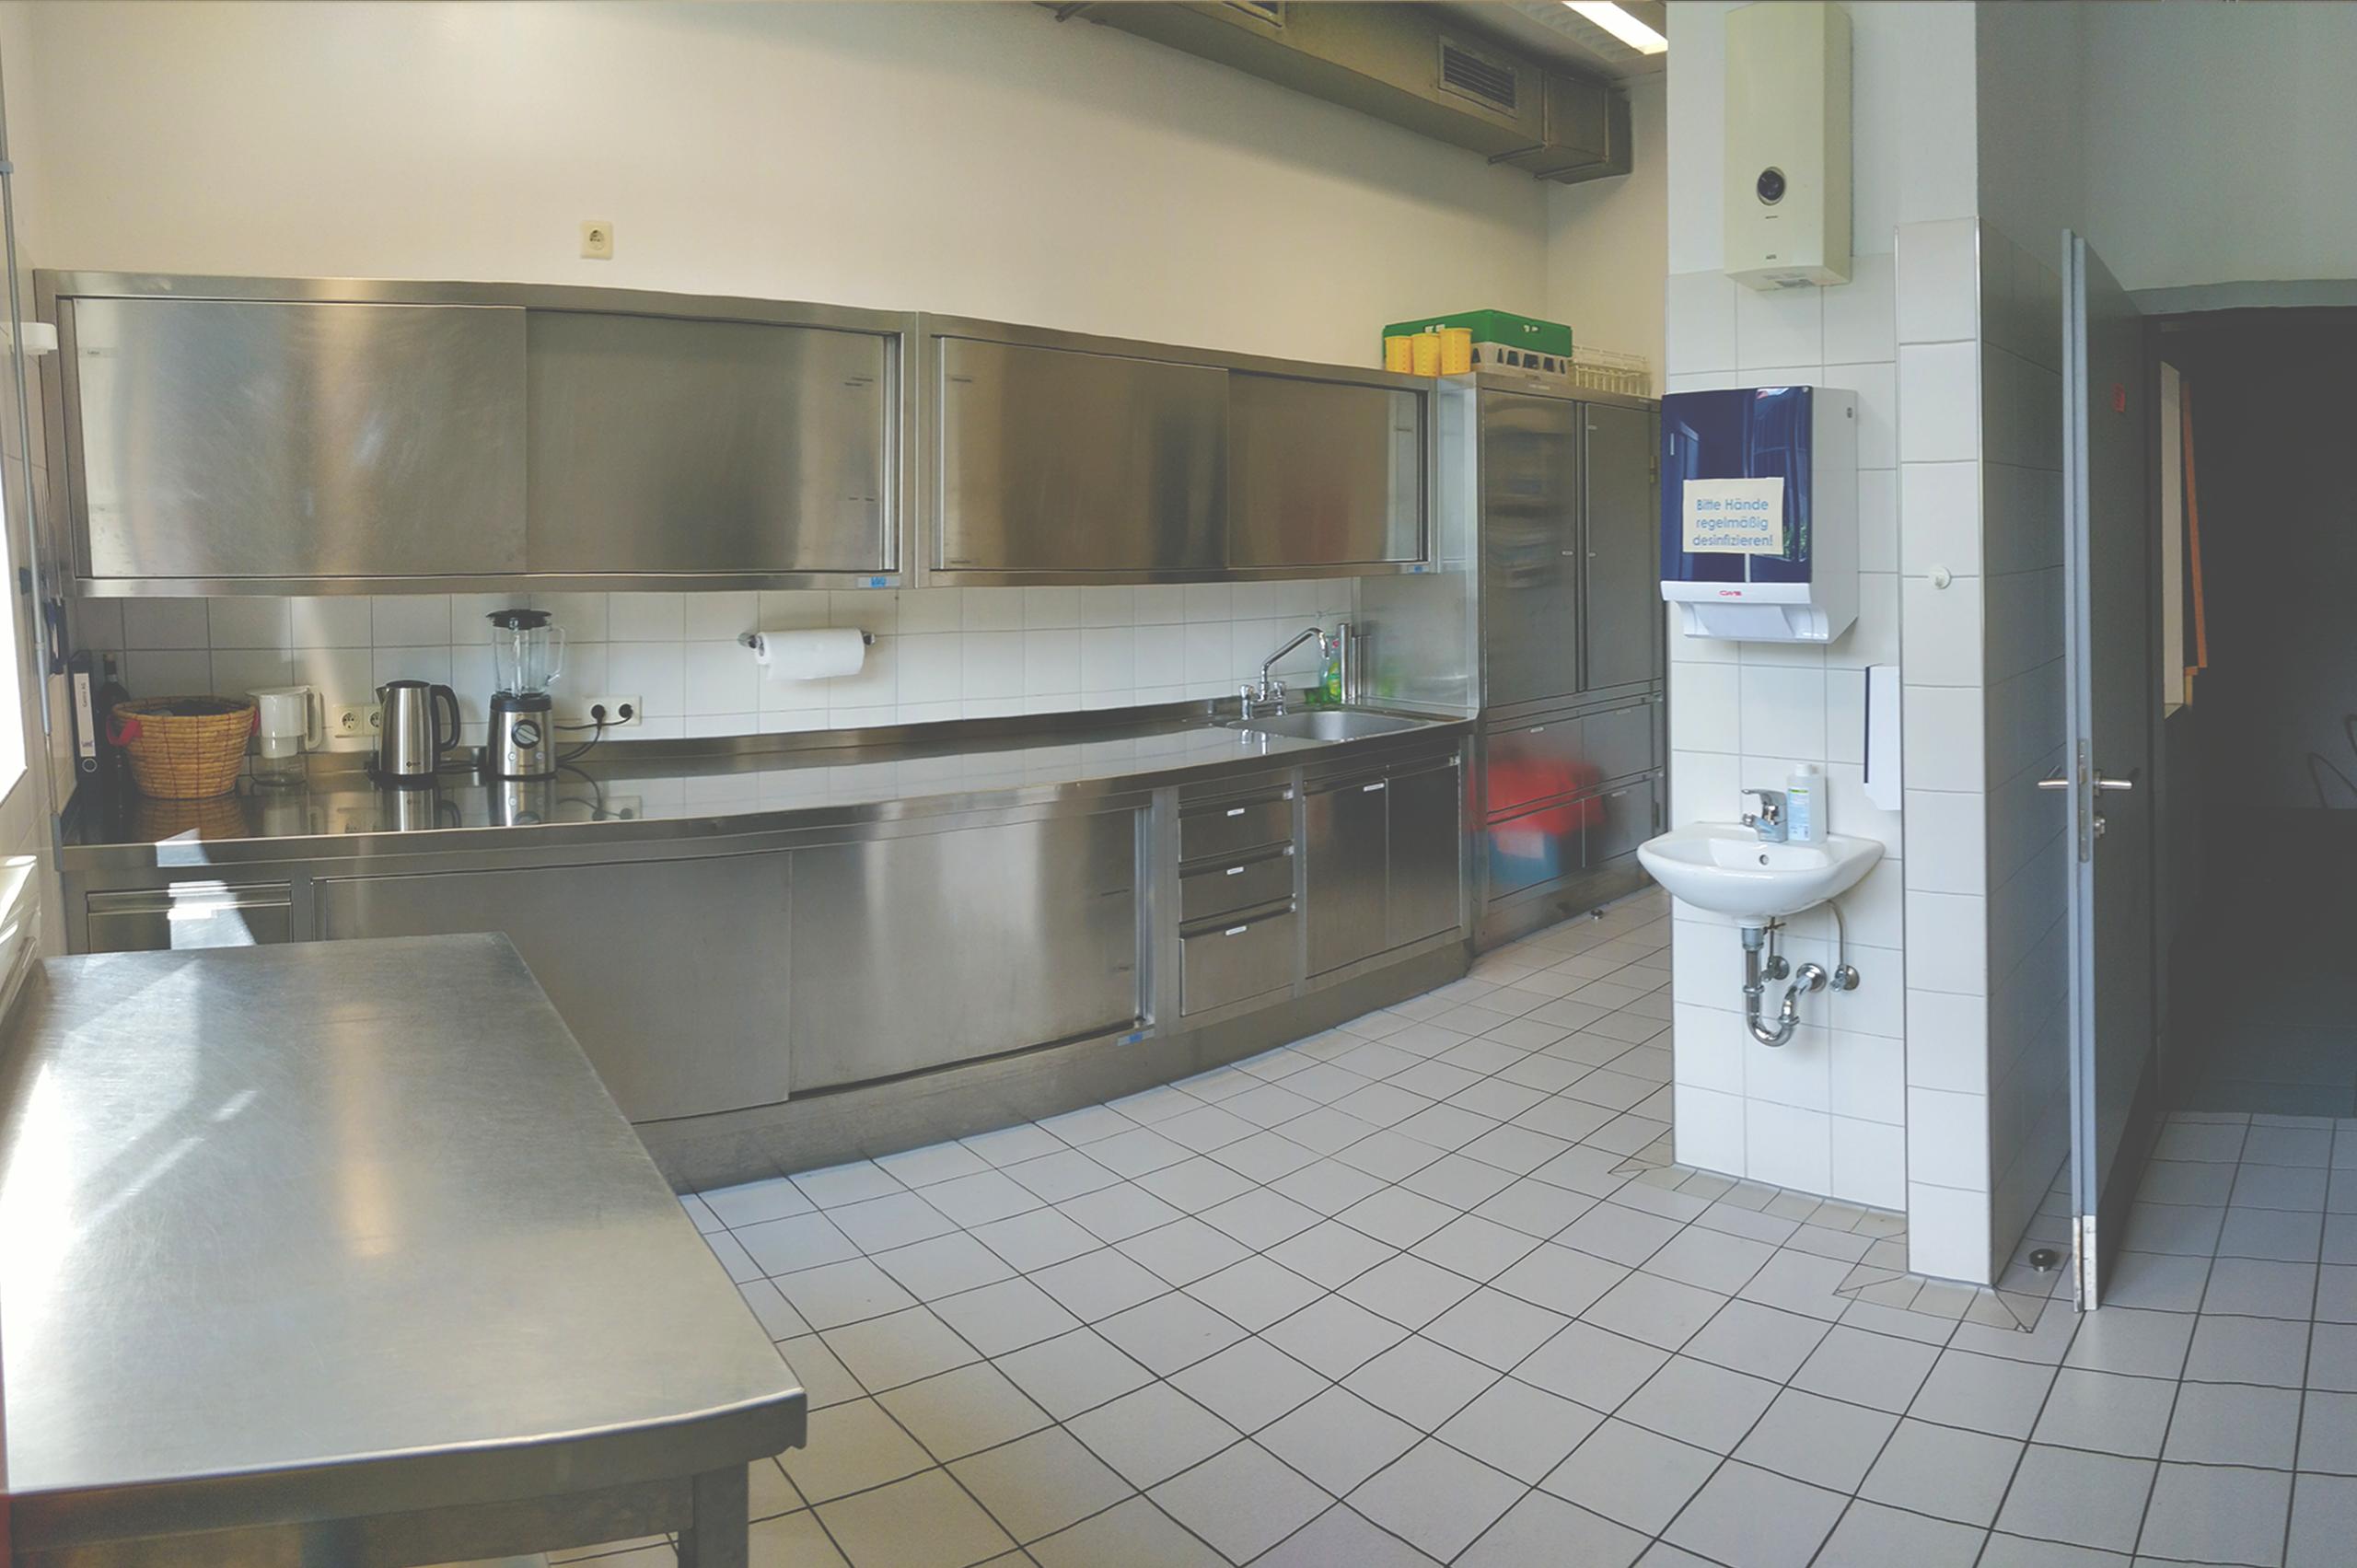 Foto der Inustrieküche mit Küchenschränken aus Metall, einer Spüle, einem Waschbecken. Mit Wasserkocher,und Mixer.